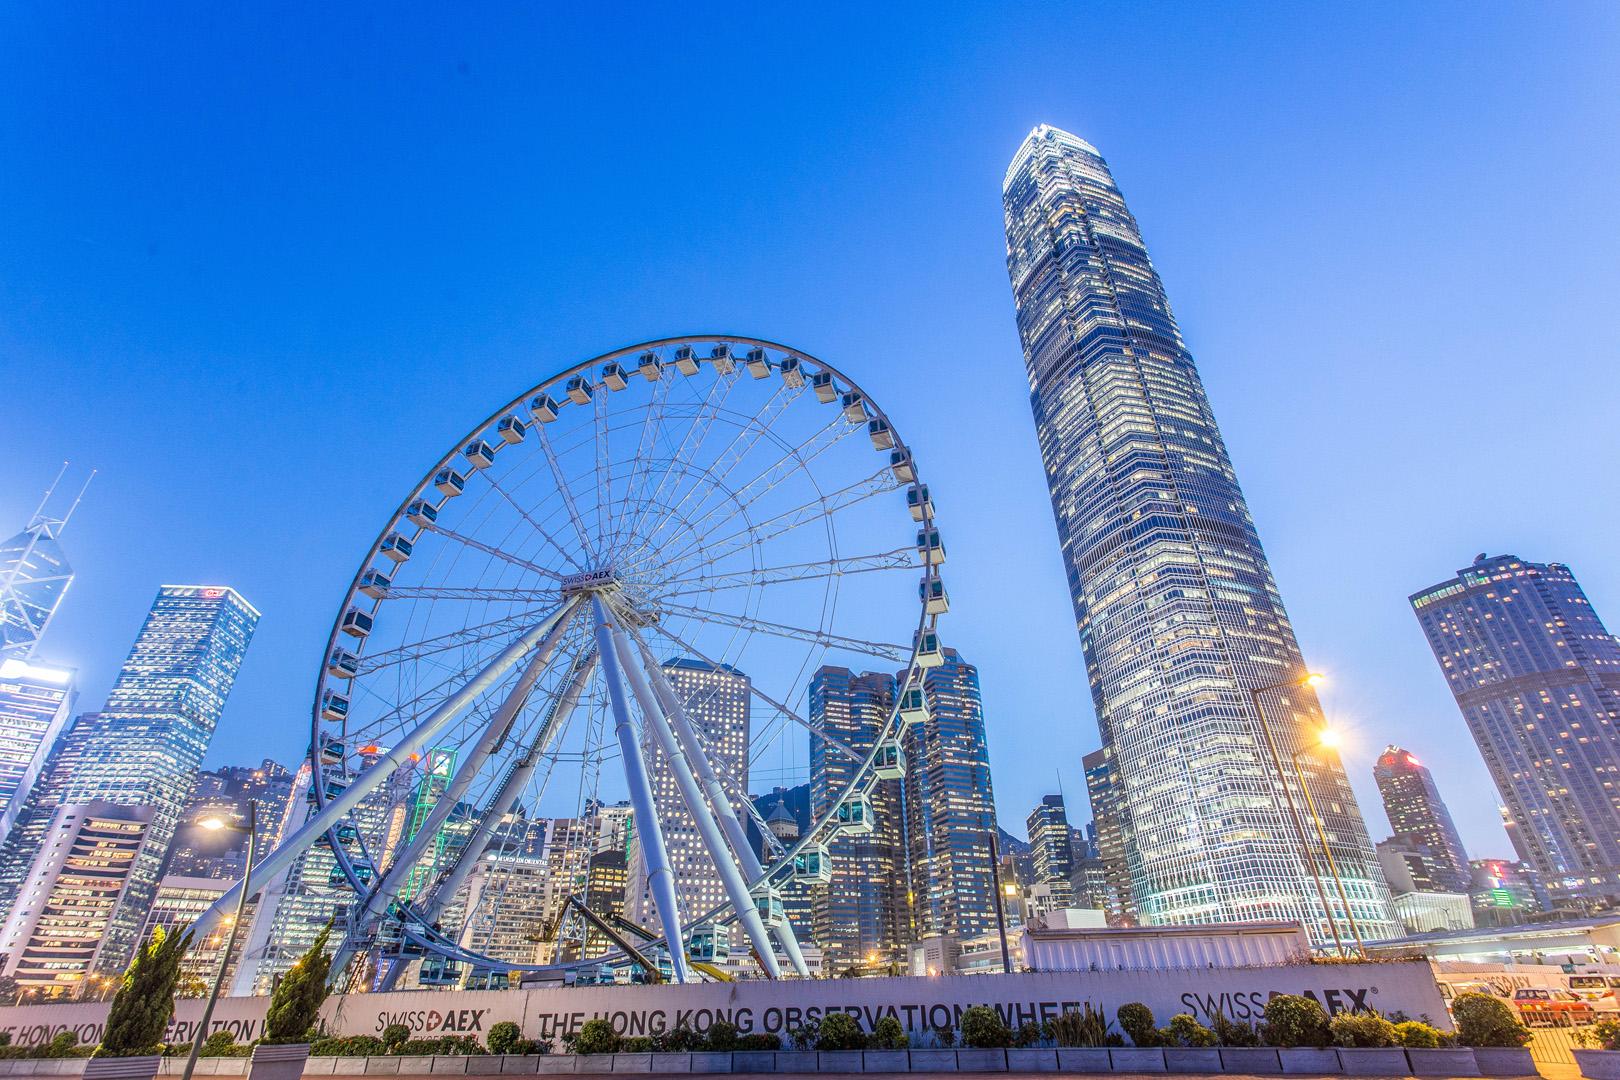 香港摩天轮